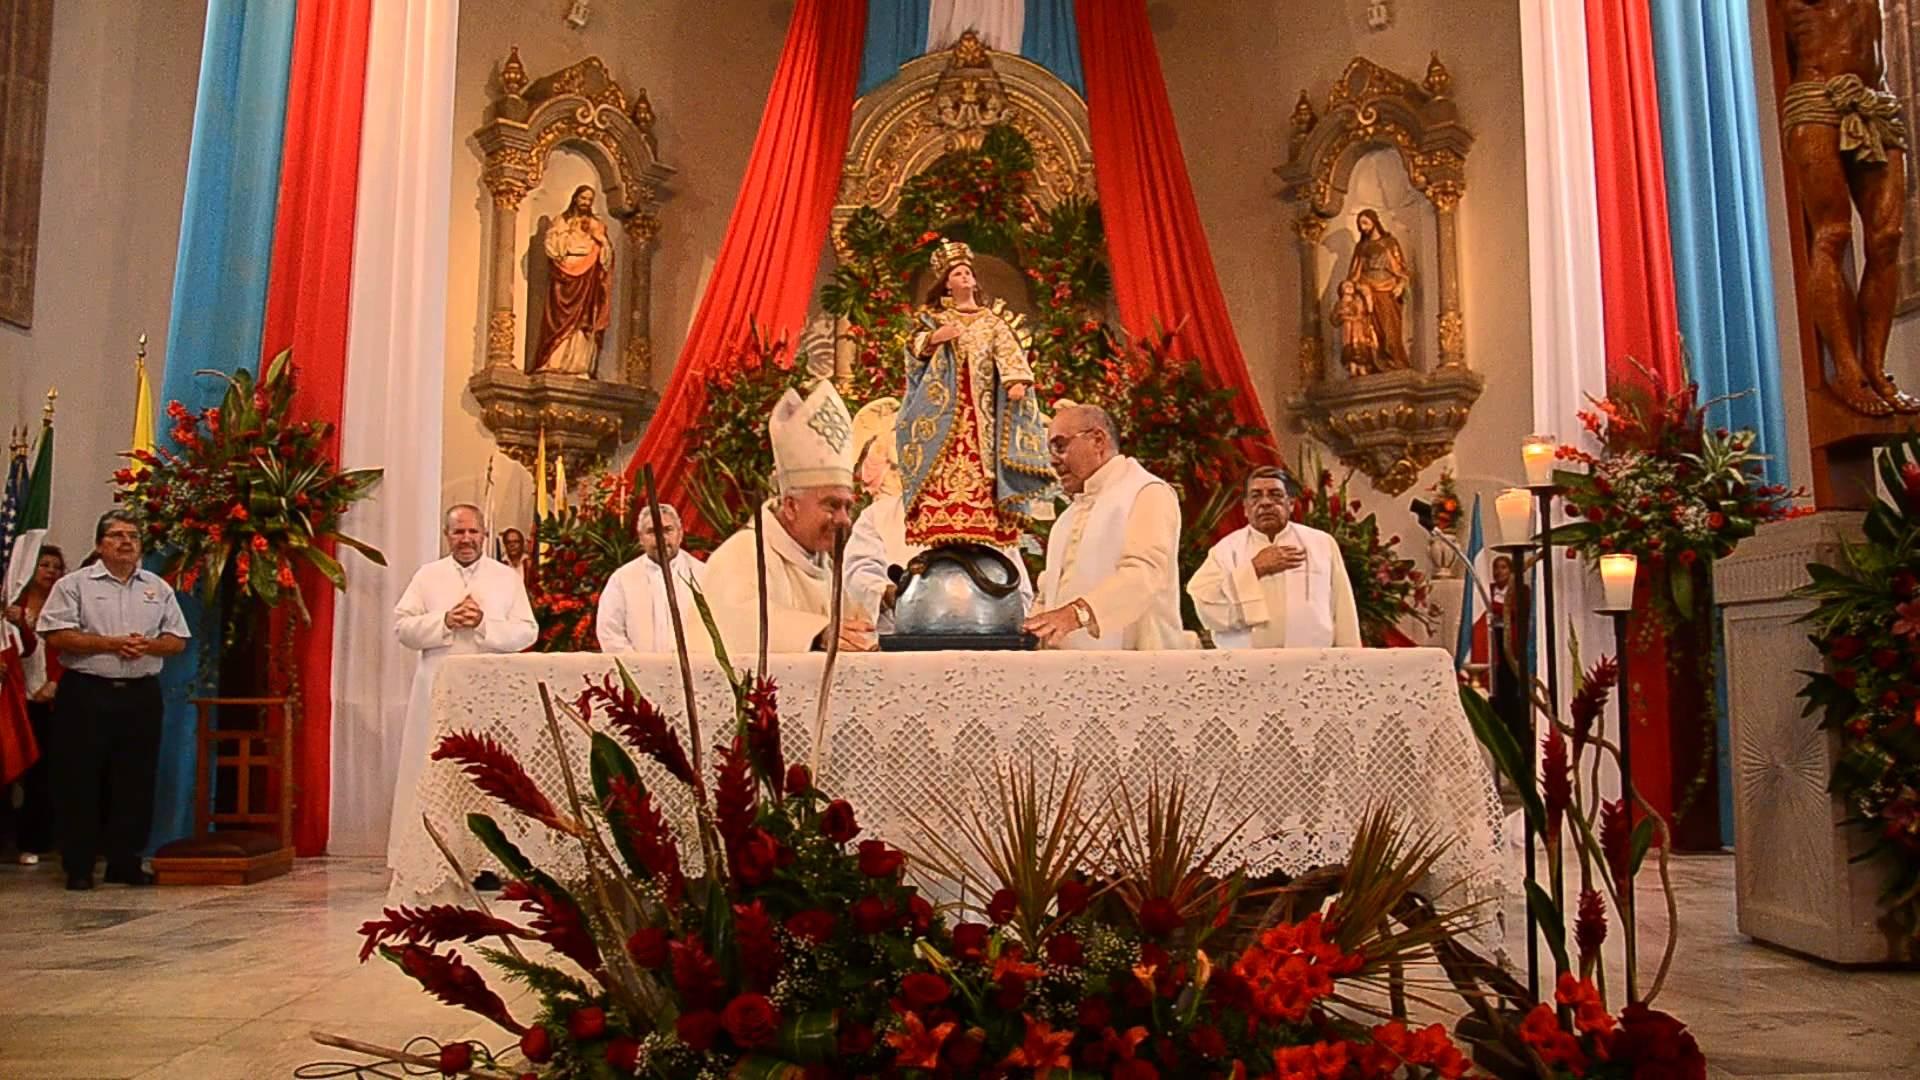 Nuestra Señora de la Esperanza de Jacona, creían que era una Raíz, México (14 feb, 8 sep)